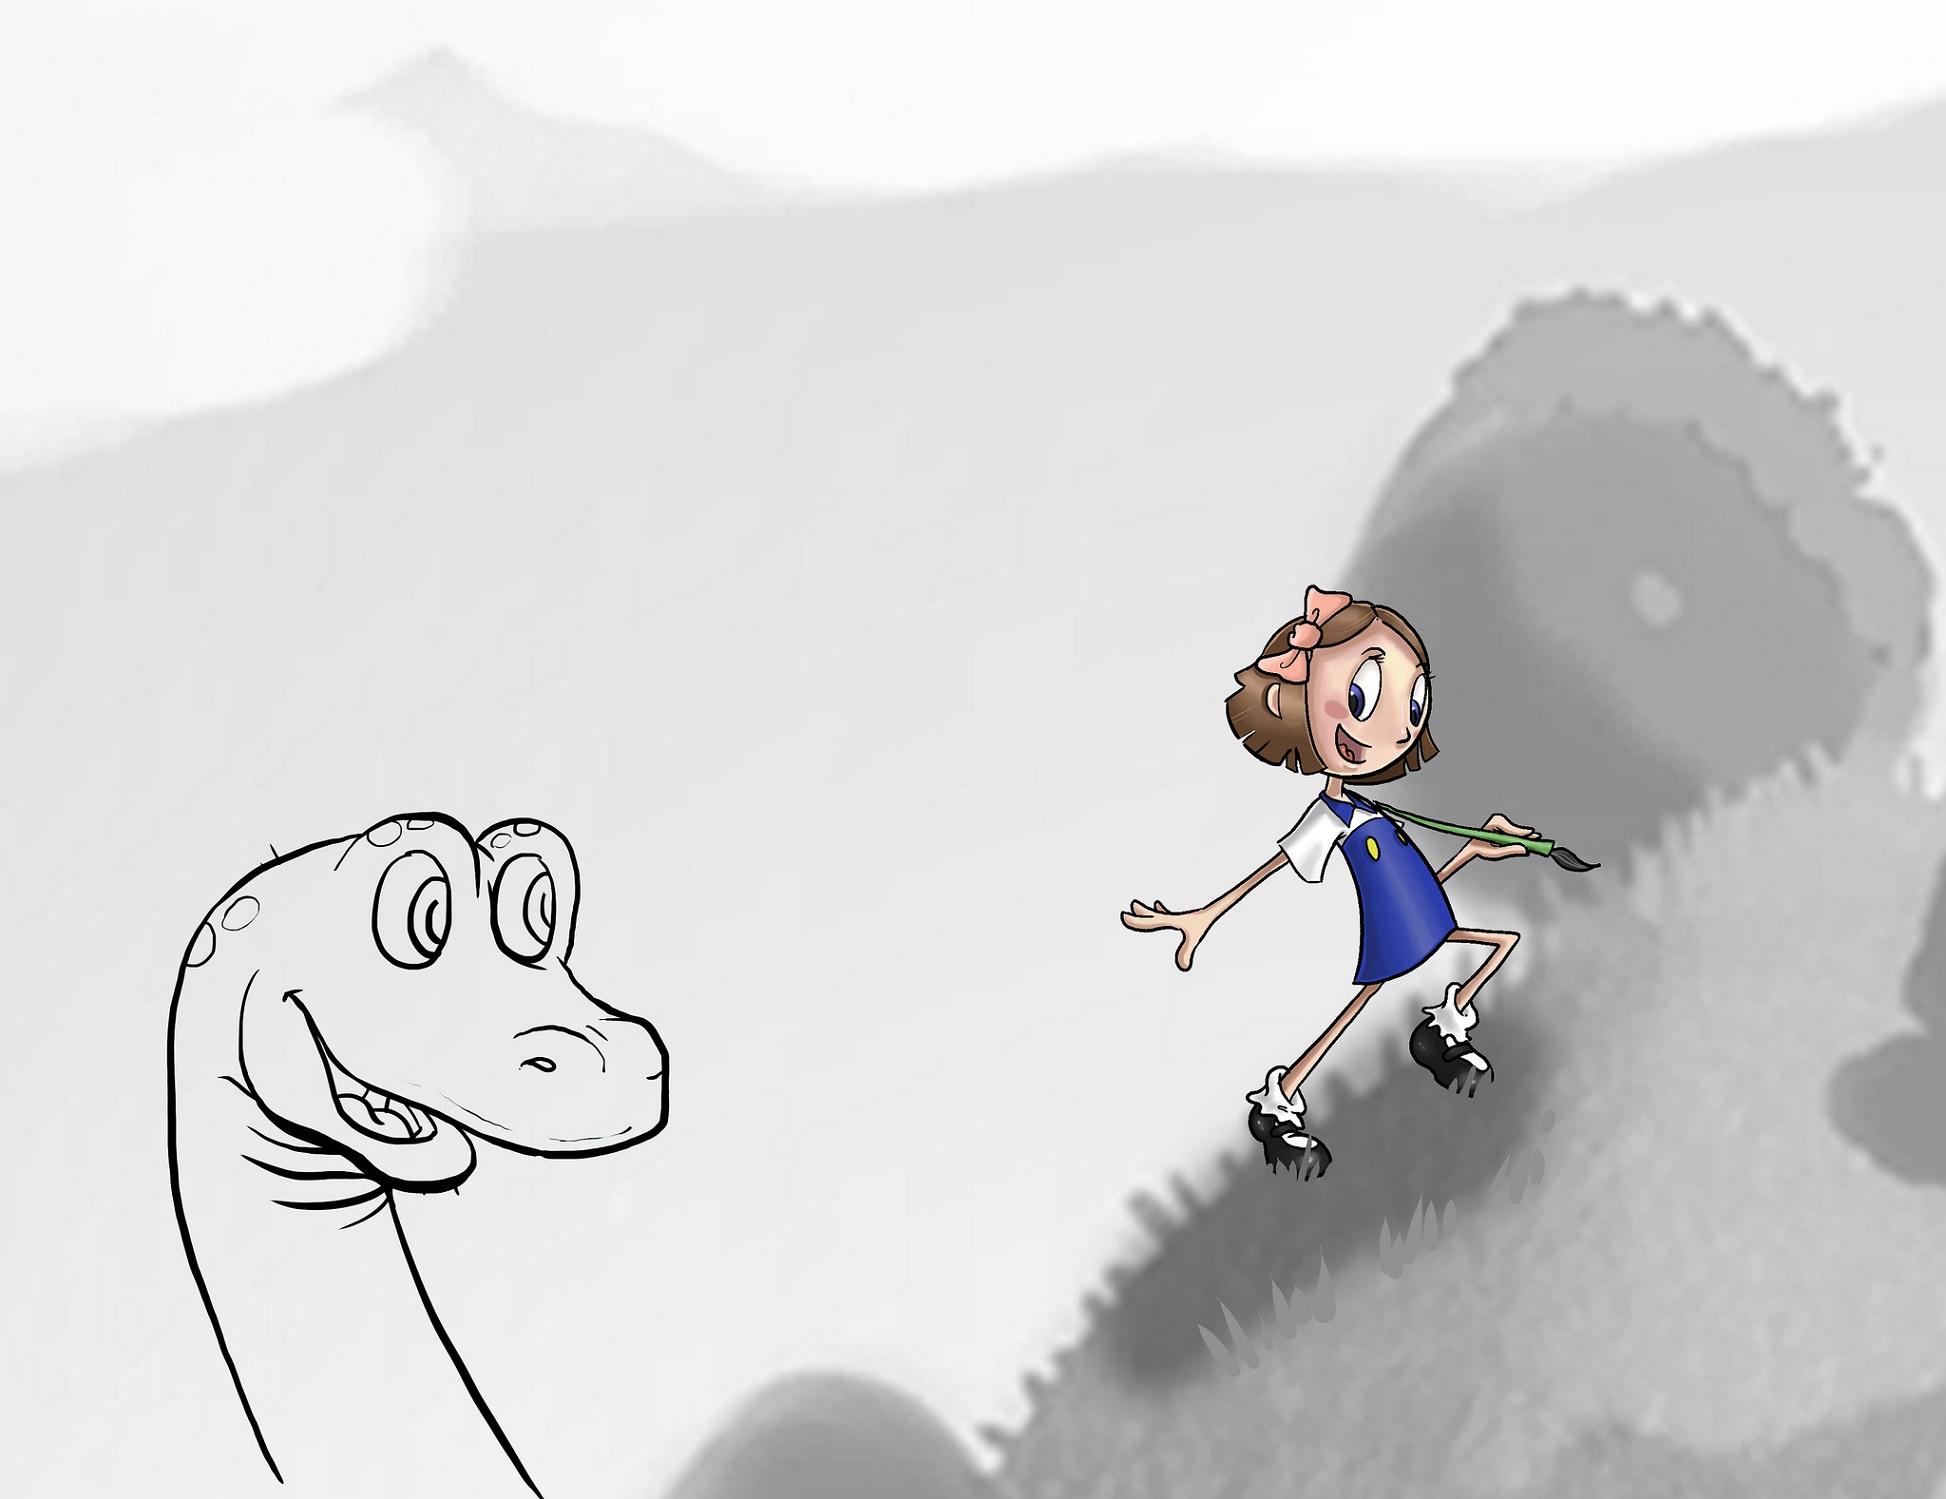 O conteúdo dos livros infantis ajuda as crianças a perceber o simbólico, a lidar com as diferenças